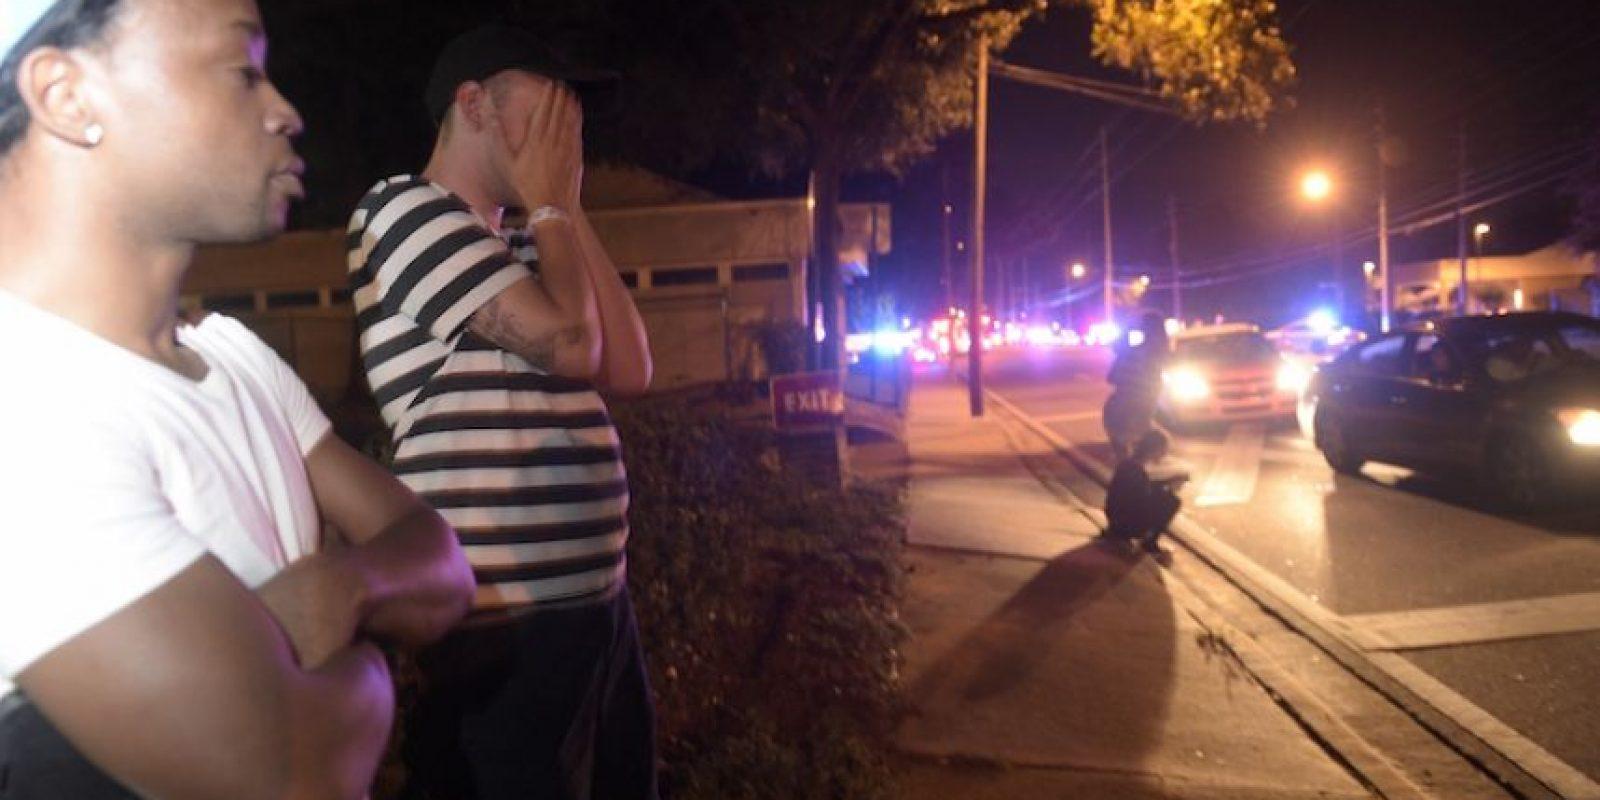 Jermaine Towns (izquierda) y Brandon Shuford observan desde la acera en la misma calle de un club nocturno donde ocurrió una balacera en Orlando, Florida, la madrugada del domingo 12 de junio de 2016. Foto:AP. Imagen Por: